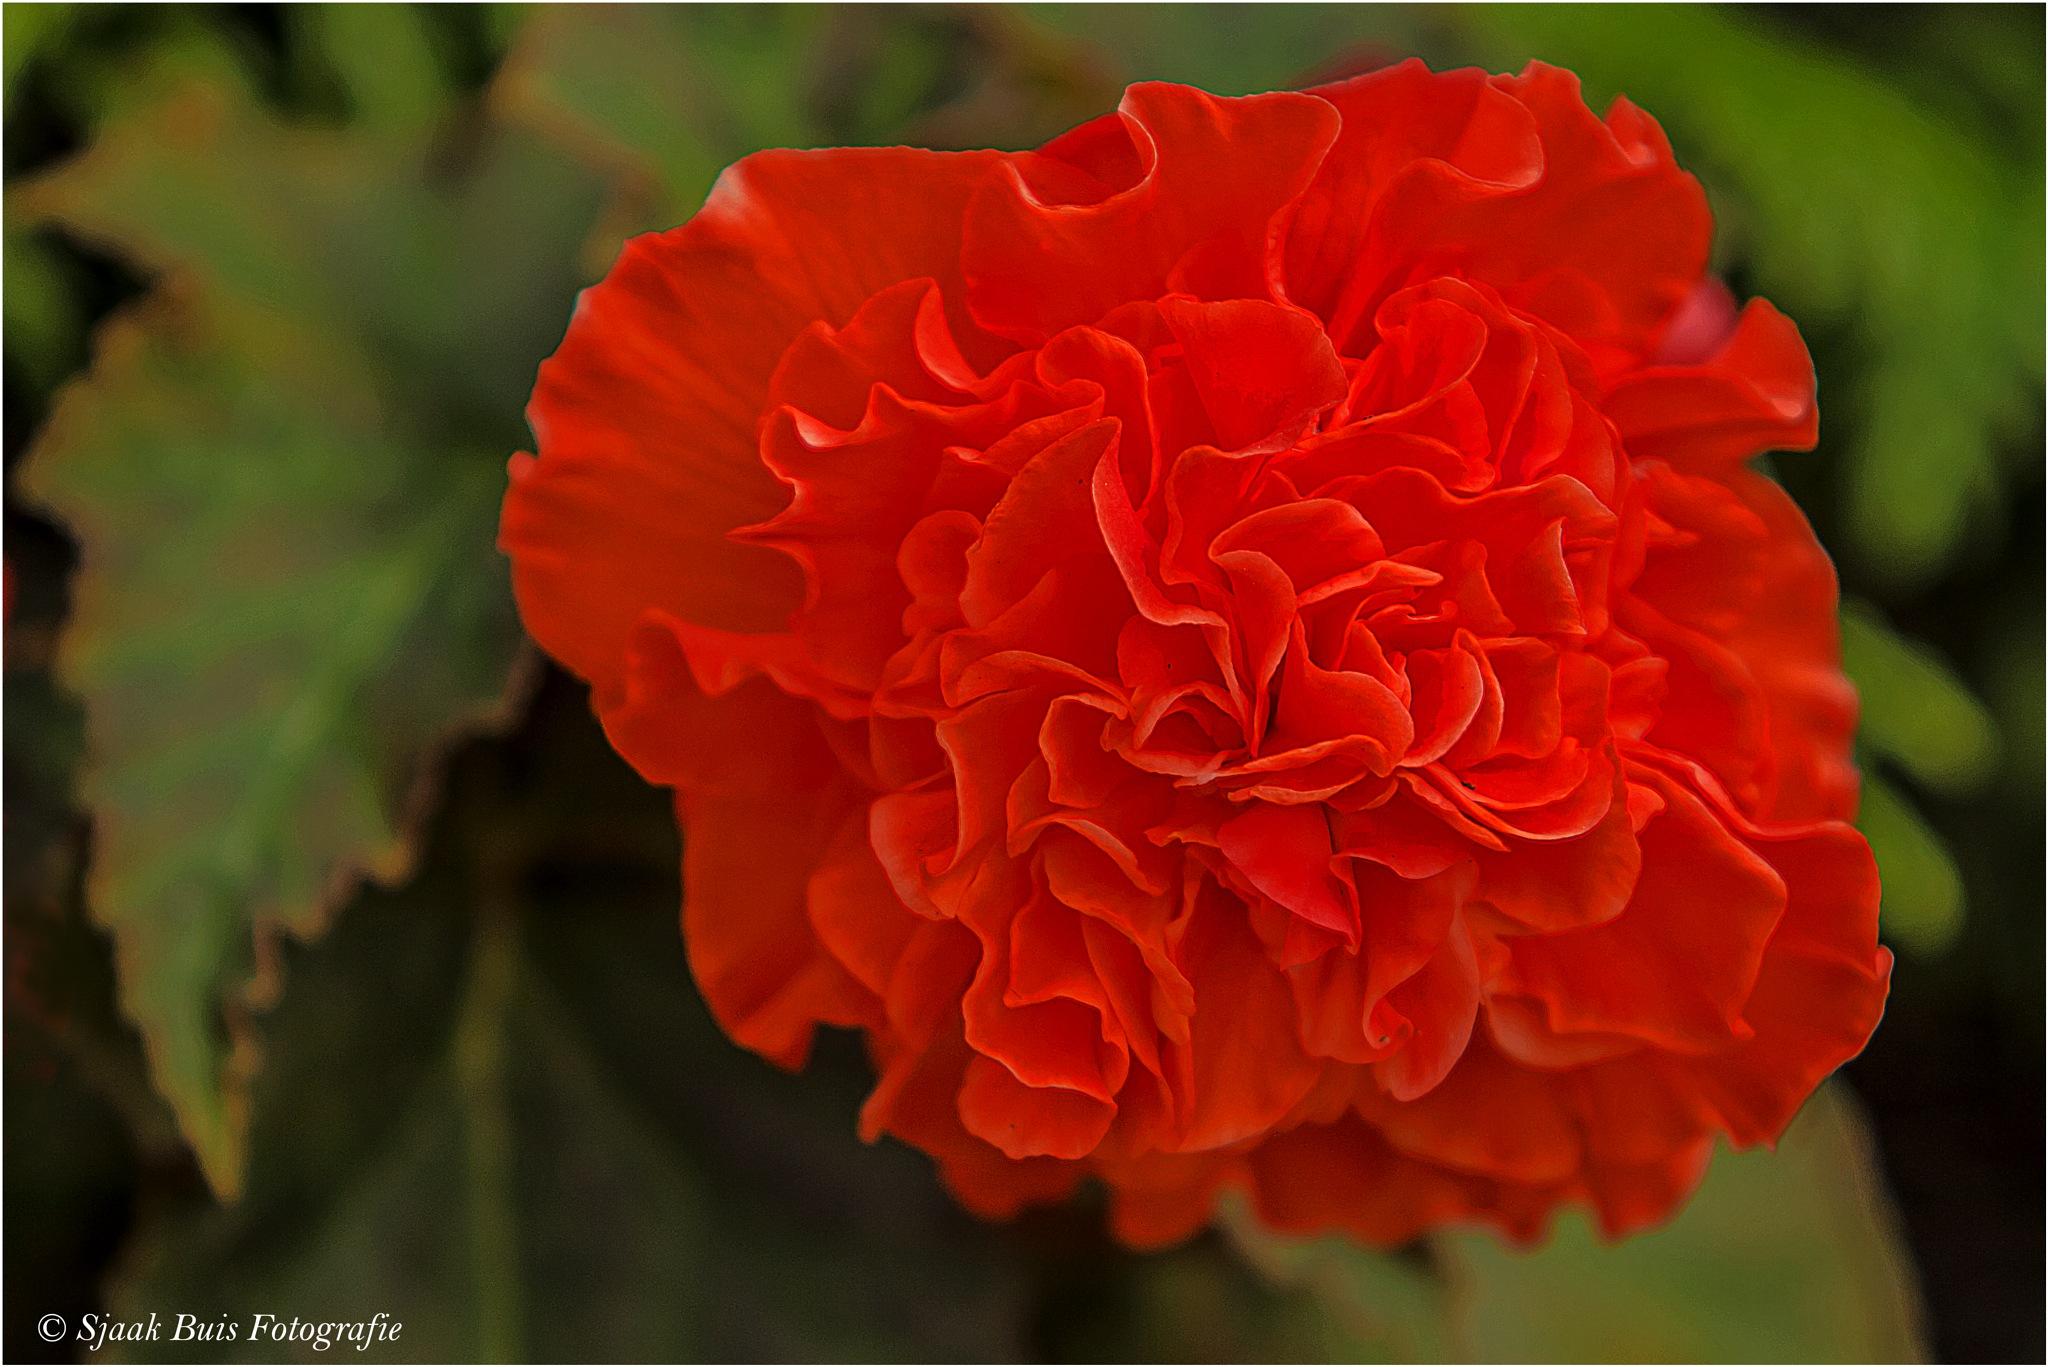 Begonia Red by Sjaak Buis